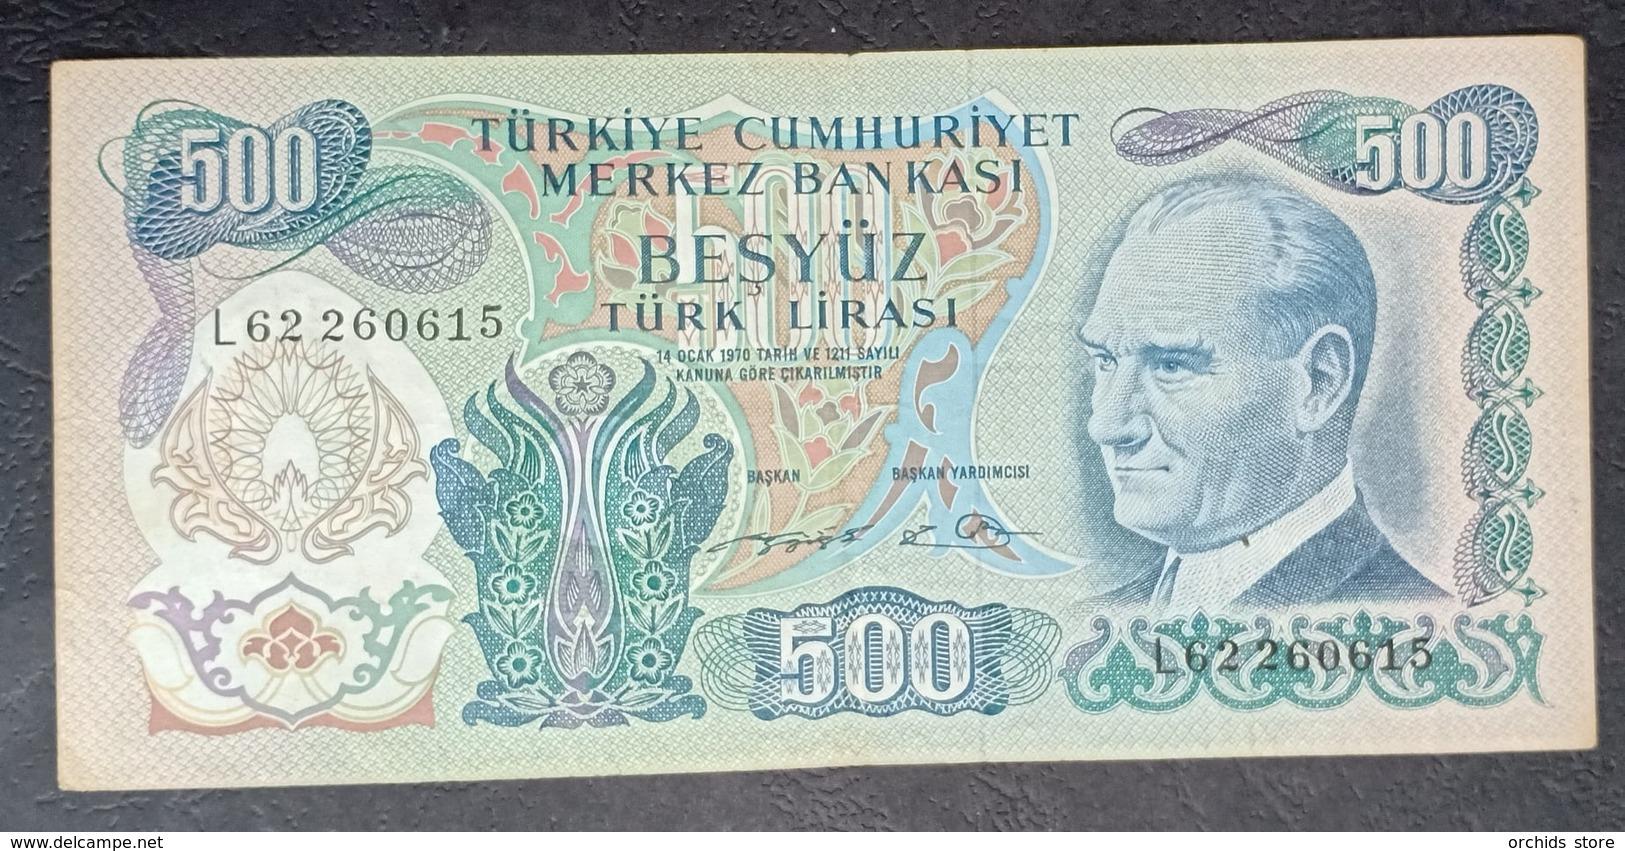 AF - Turkey Banknote 1971 500 LIRAS P-190d L62 260615 - Turkey